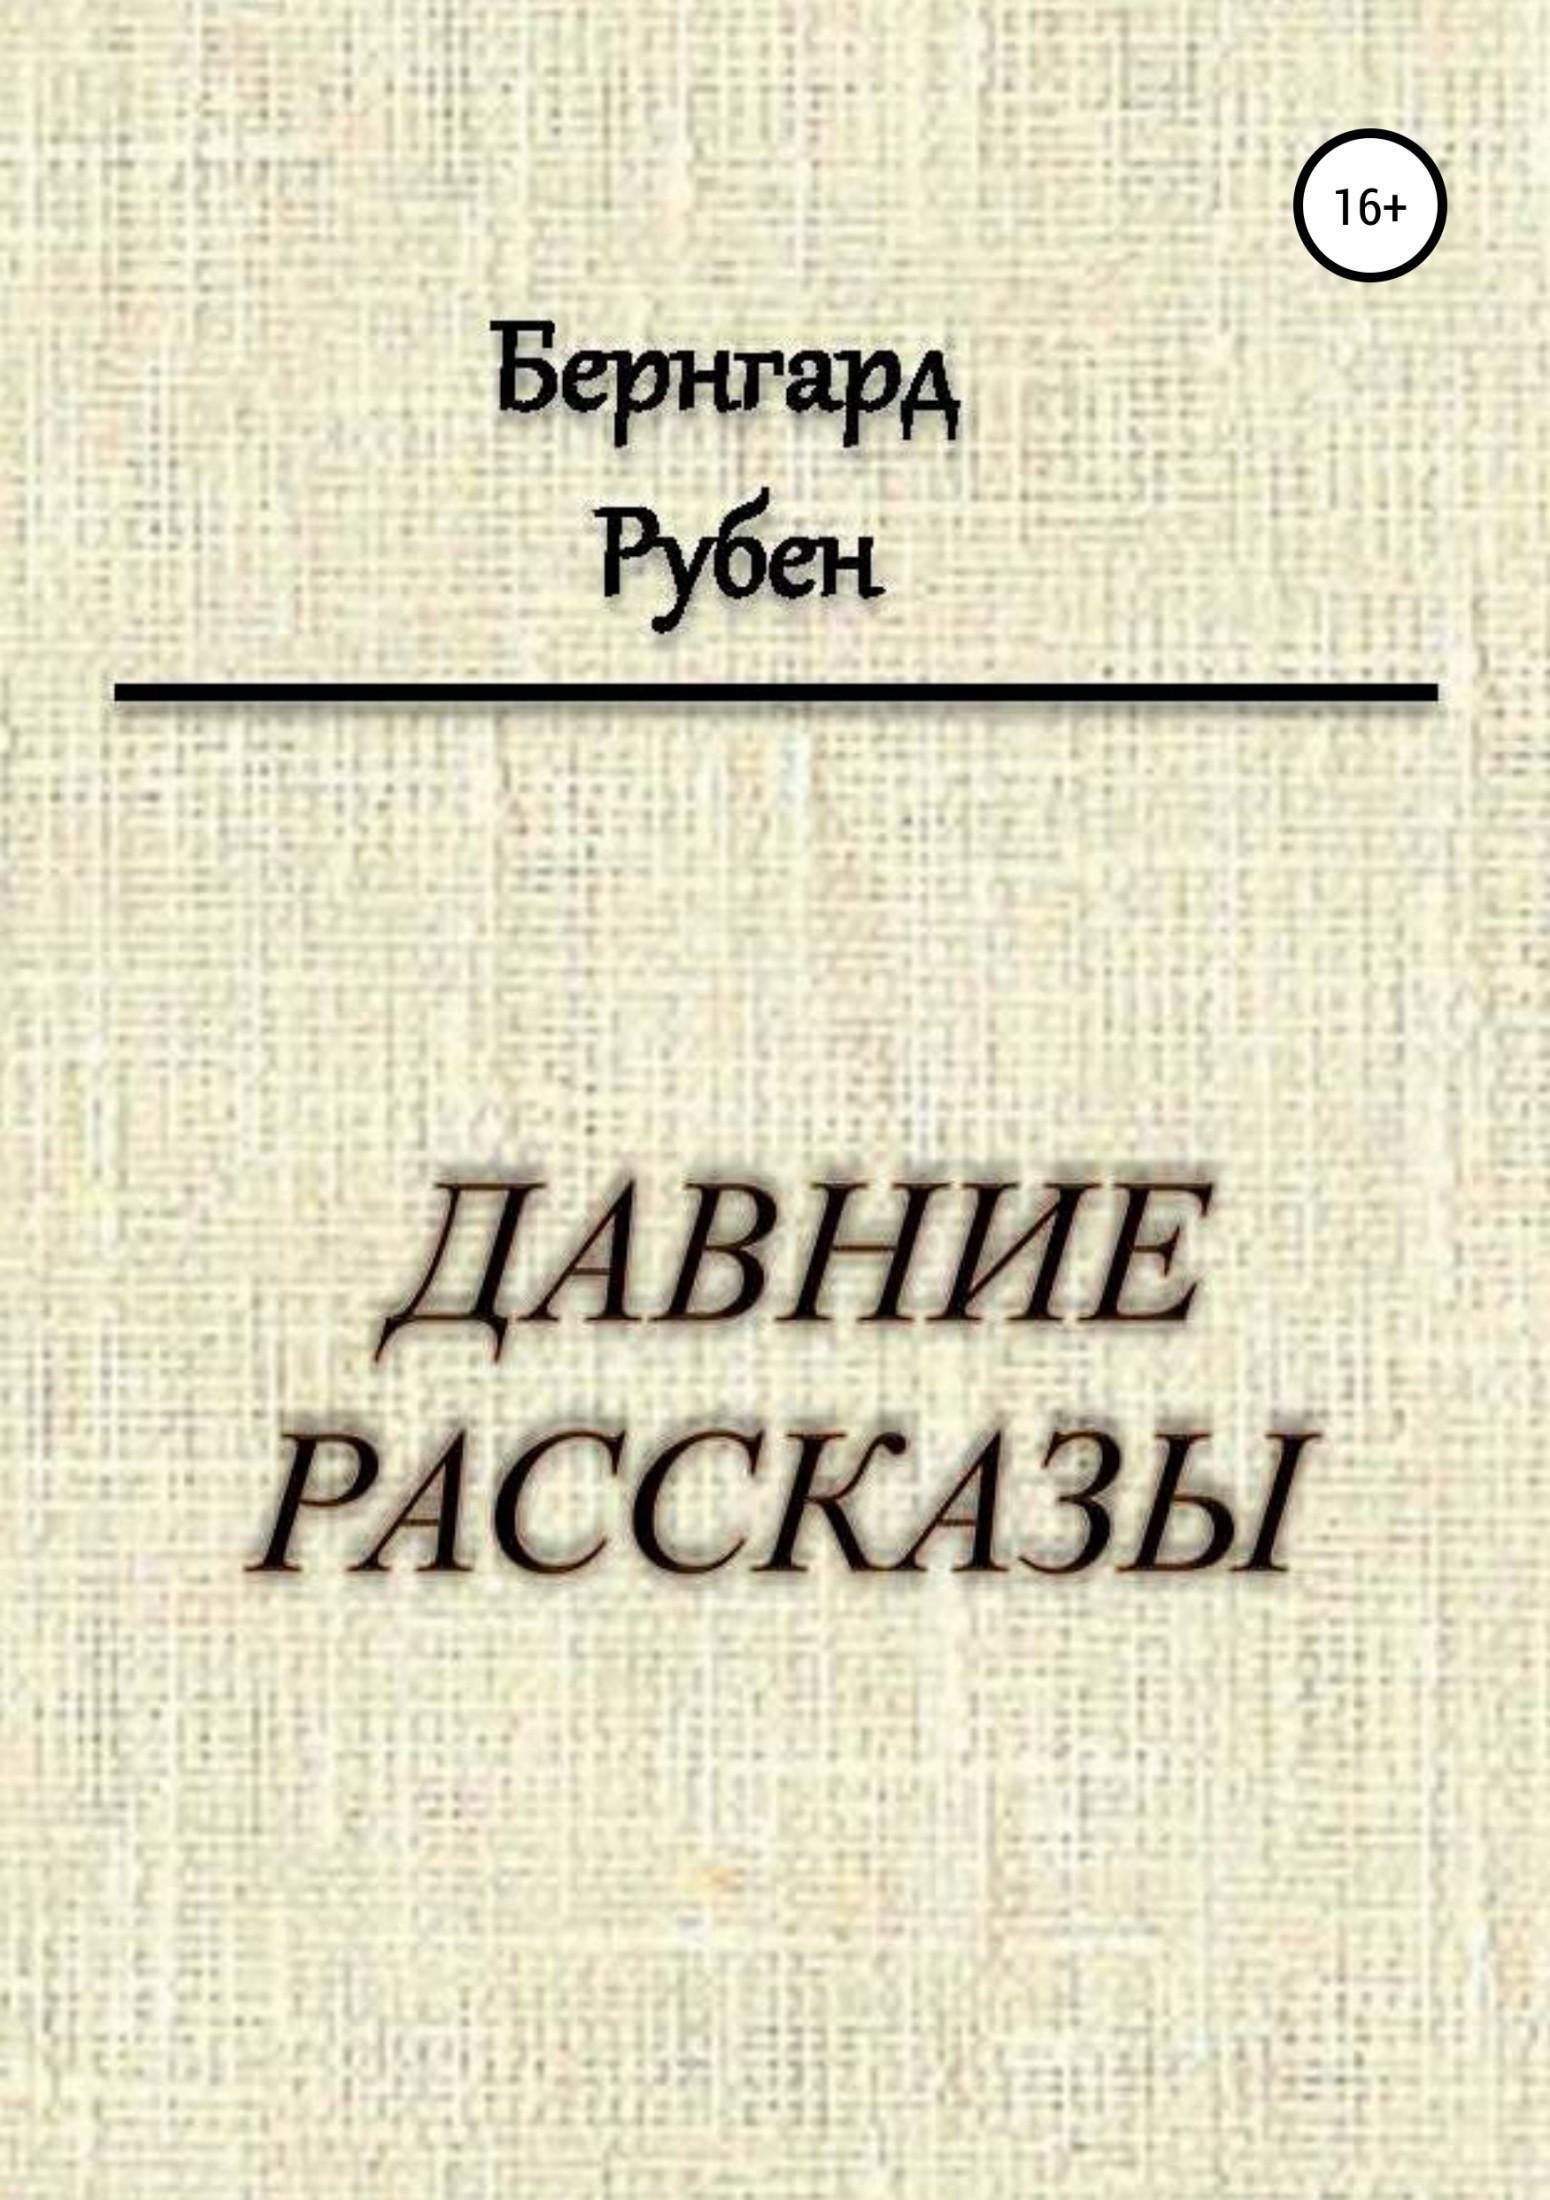 Бернгард Савельевич Рубен Давние рассказы